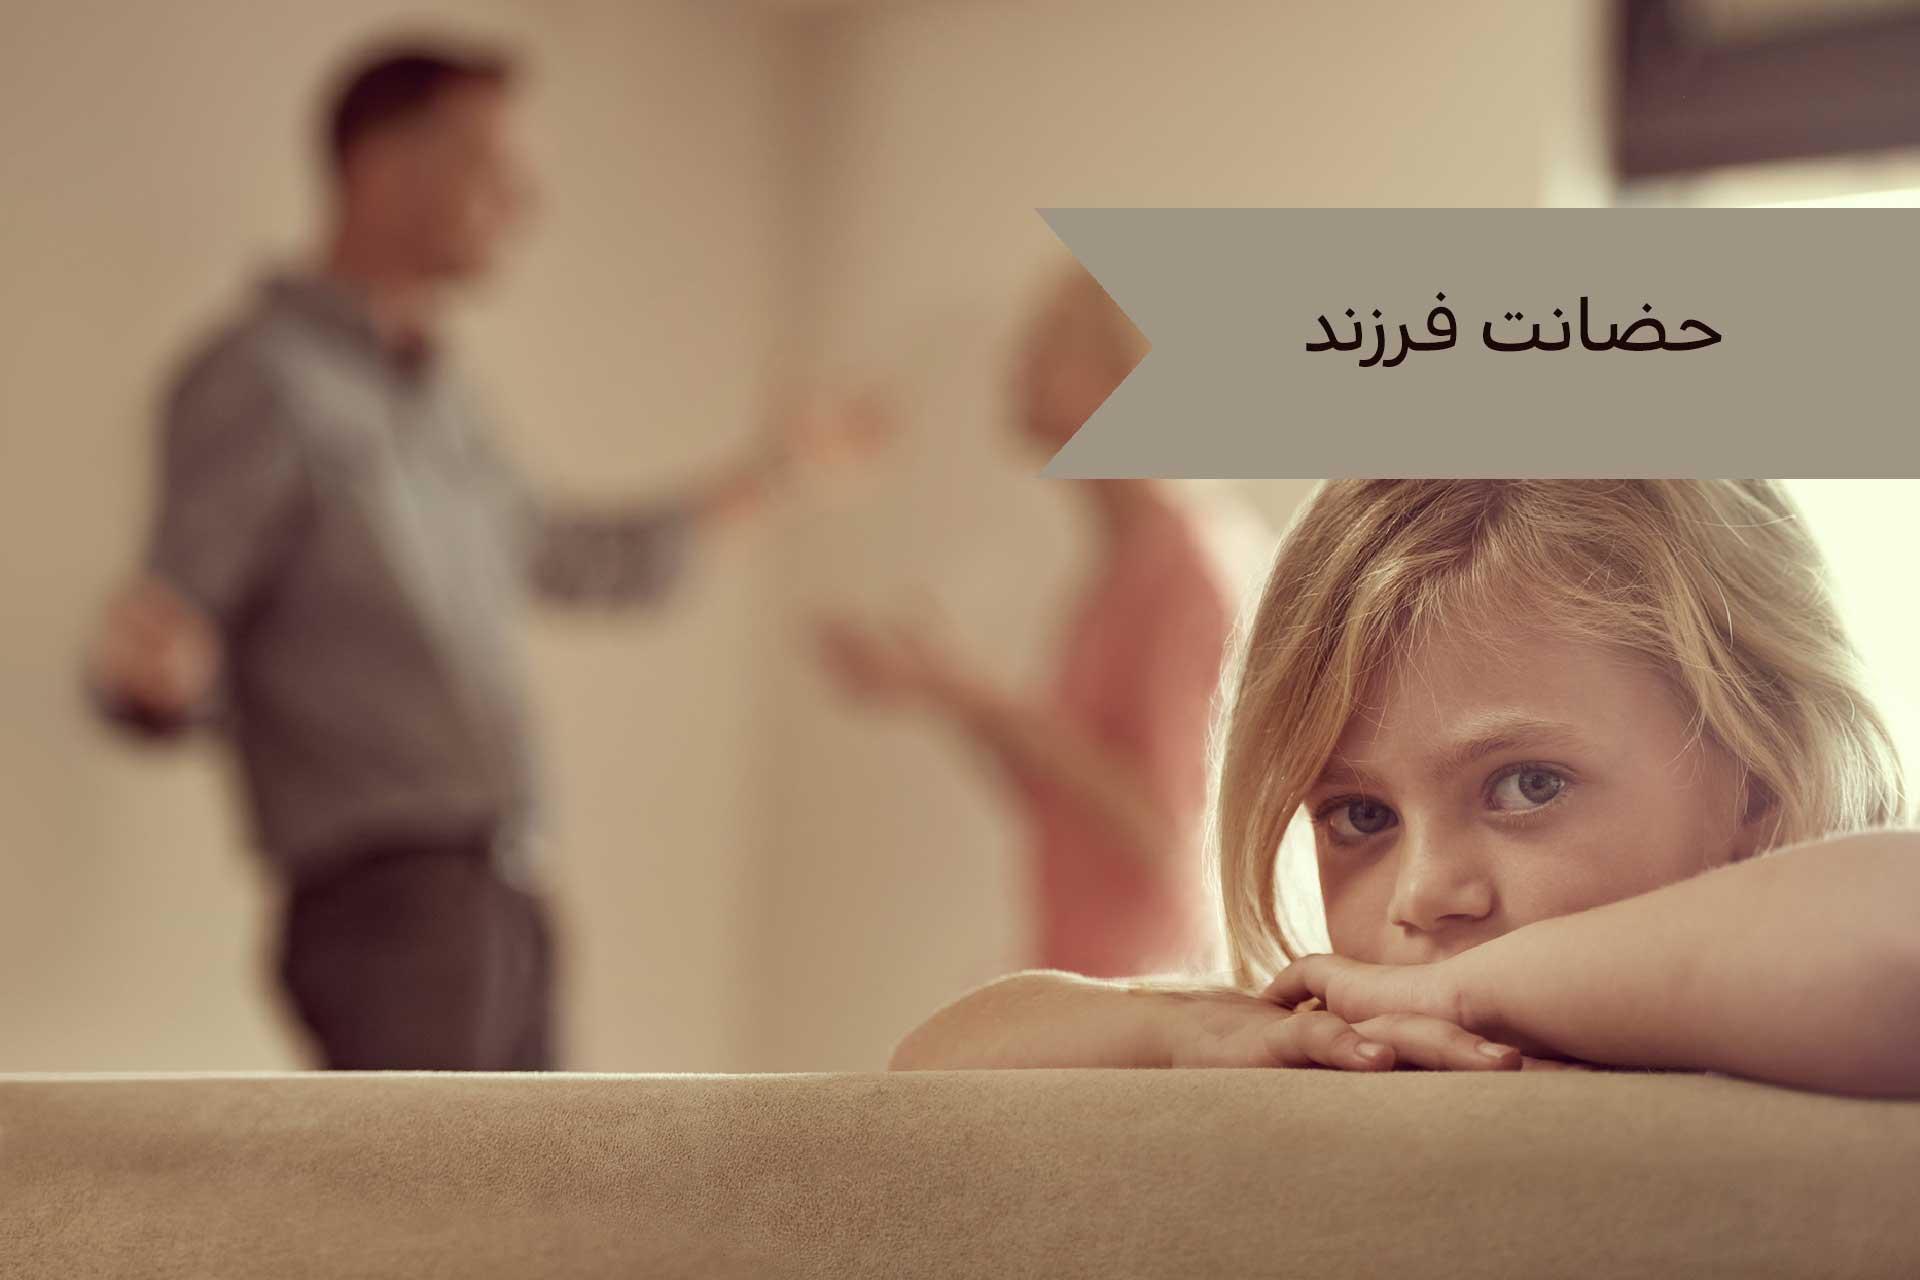 حضانت فرزند آل محمد